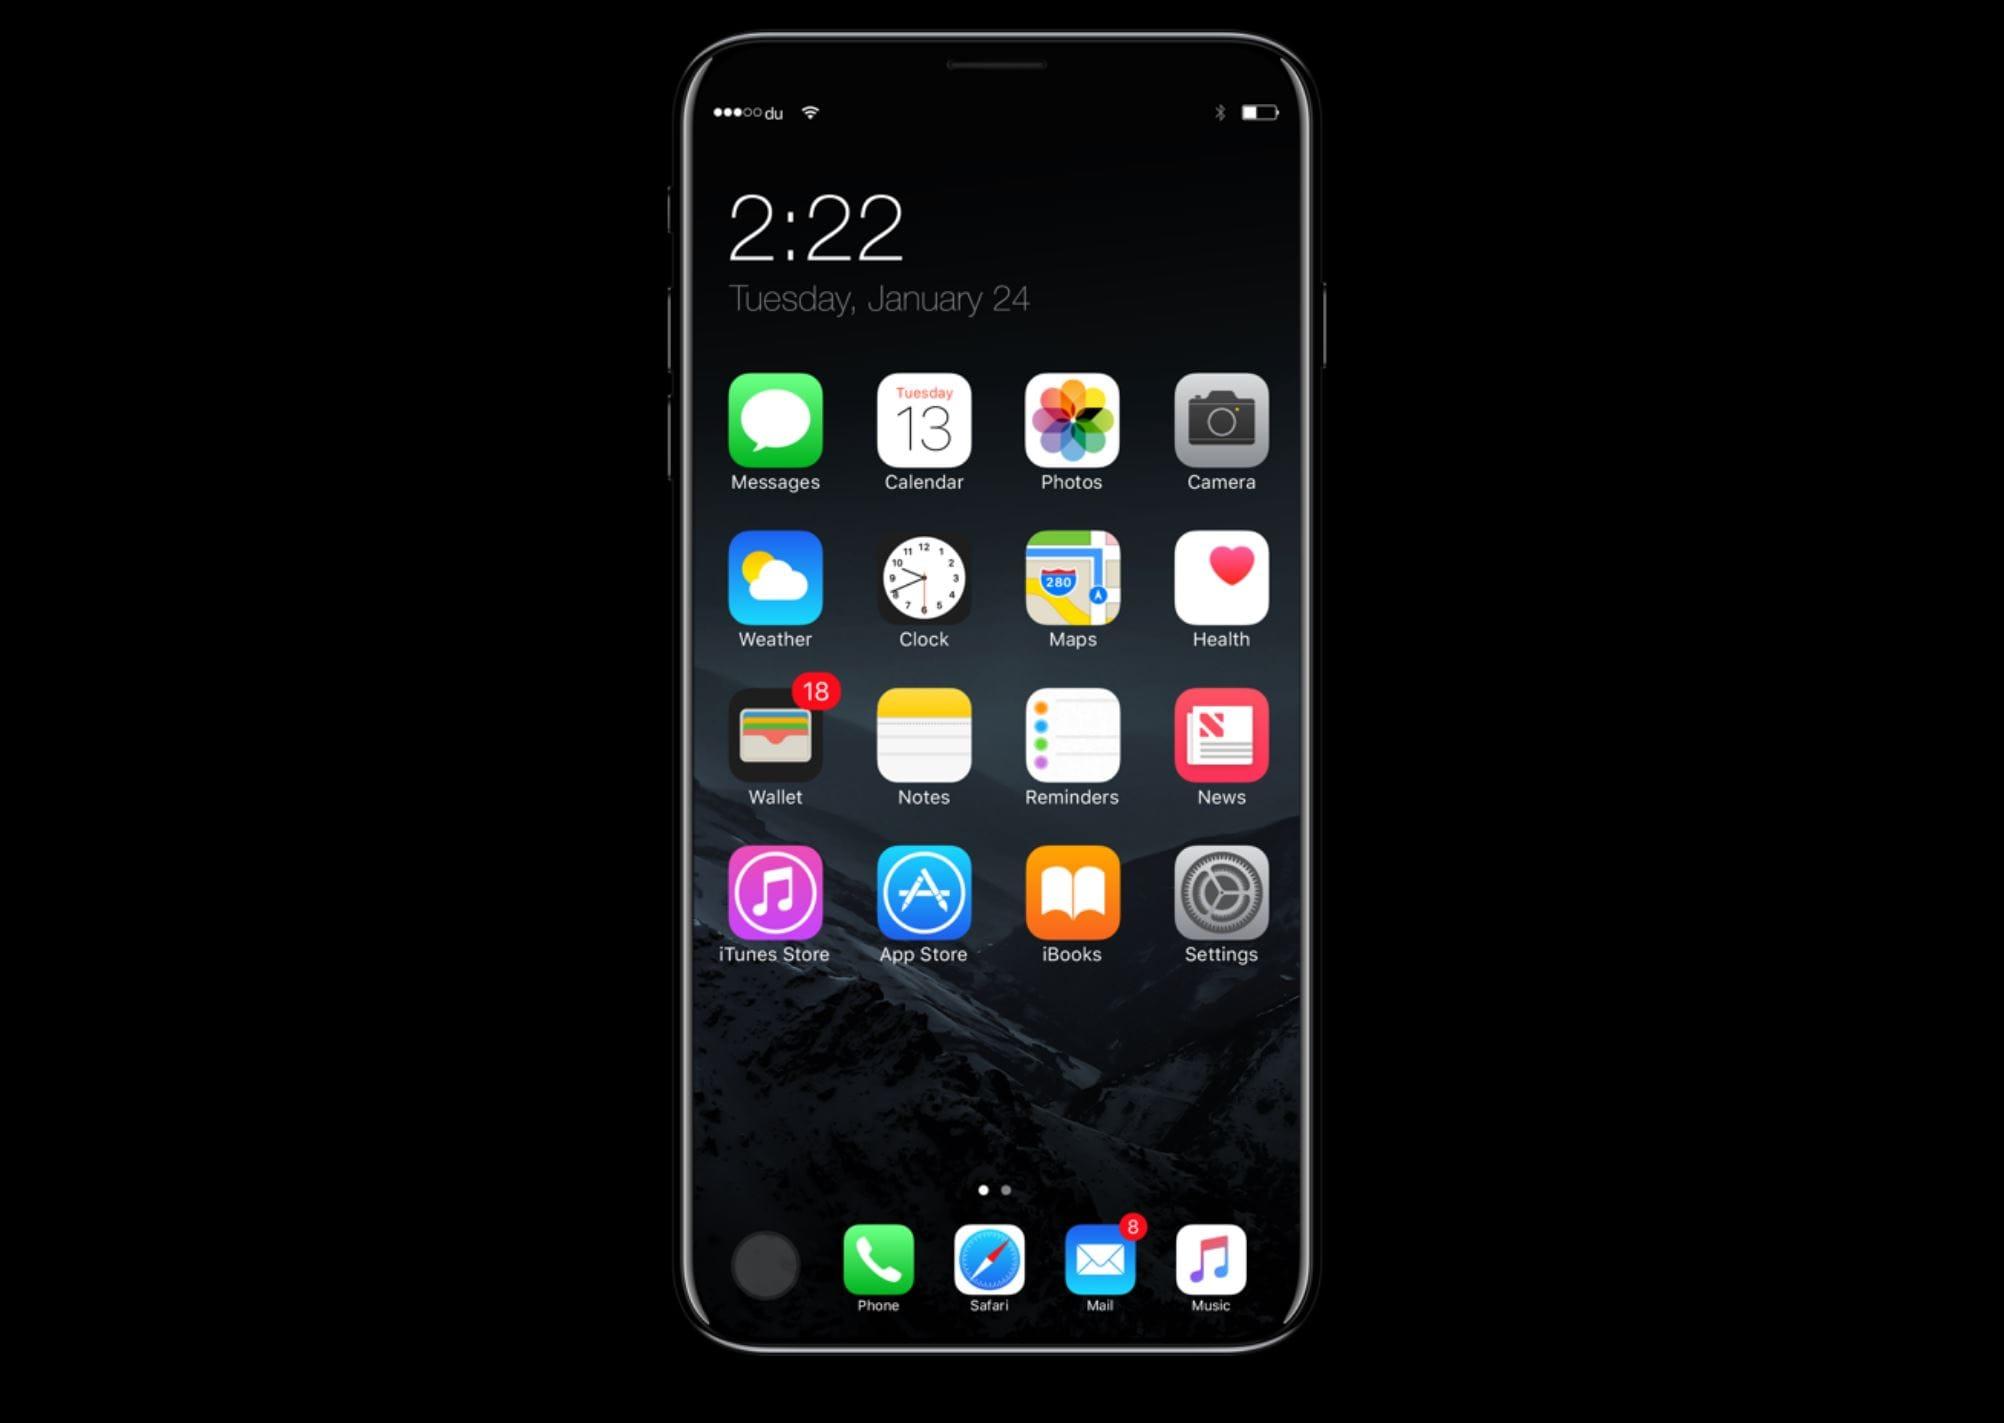 Цена шокирует многих: стало известно, сколько будет стоить Iphone 8 в России